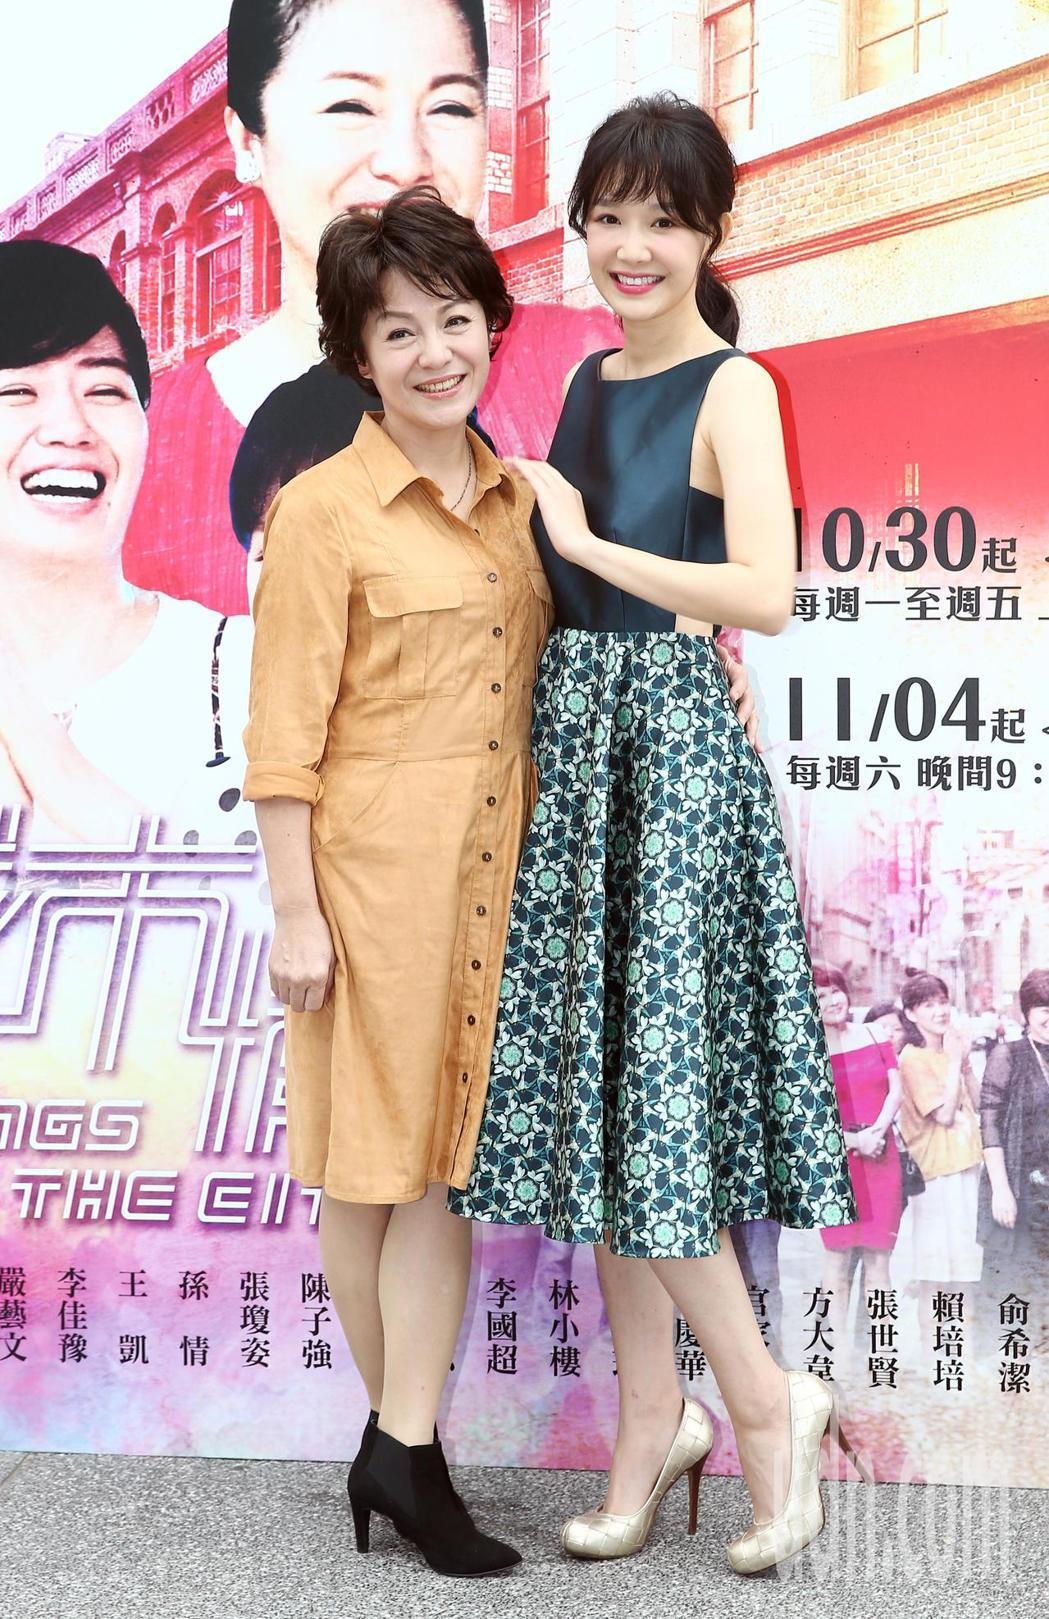 《城市情歌》主要演員潘麗麗(左)與李佳豫(右)。記者杜建重/攝影